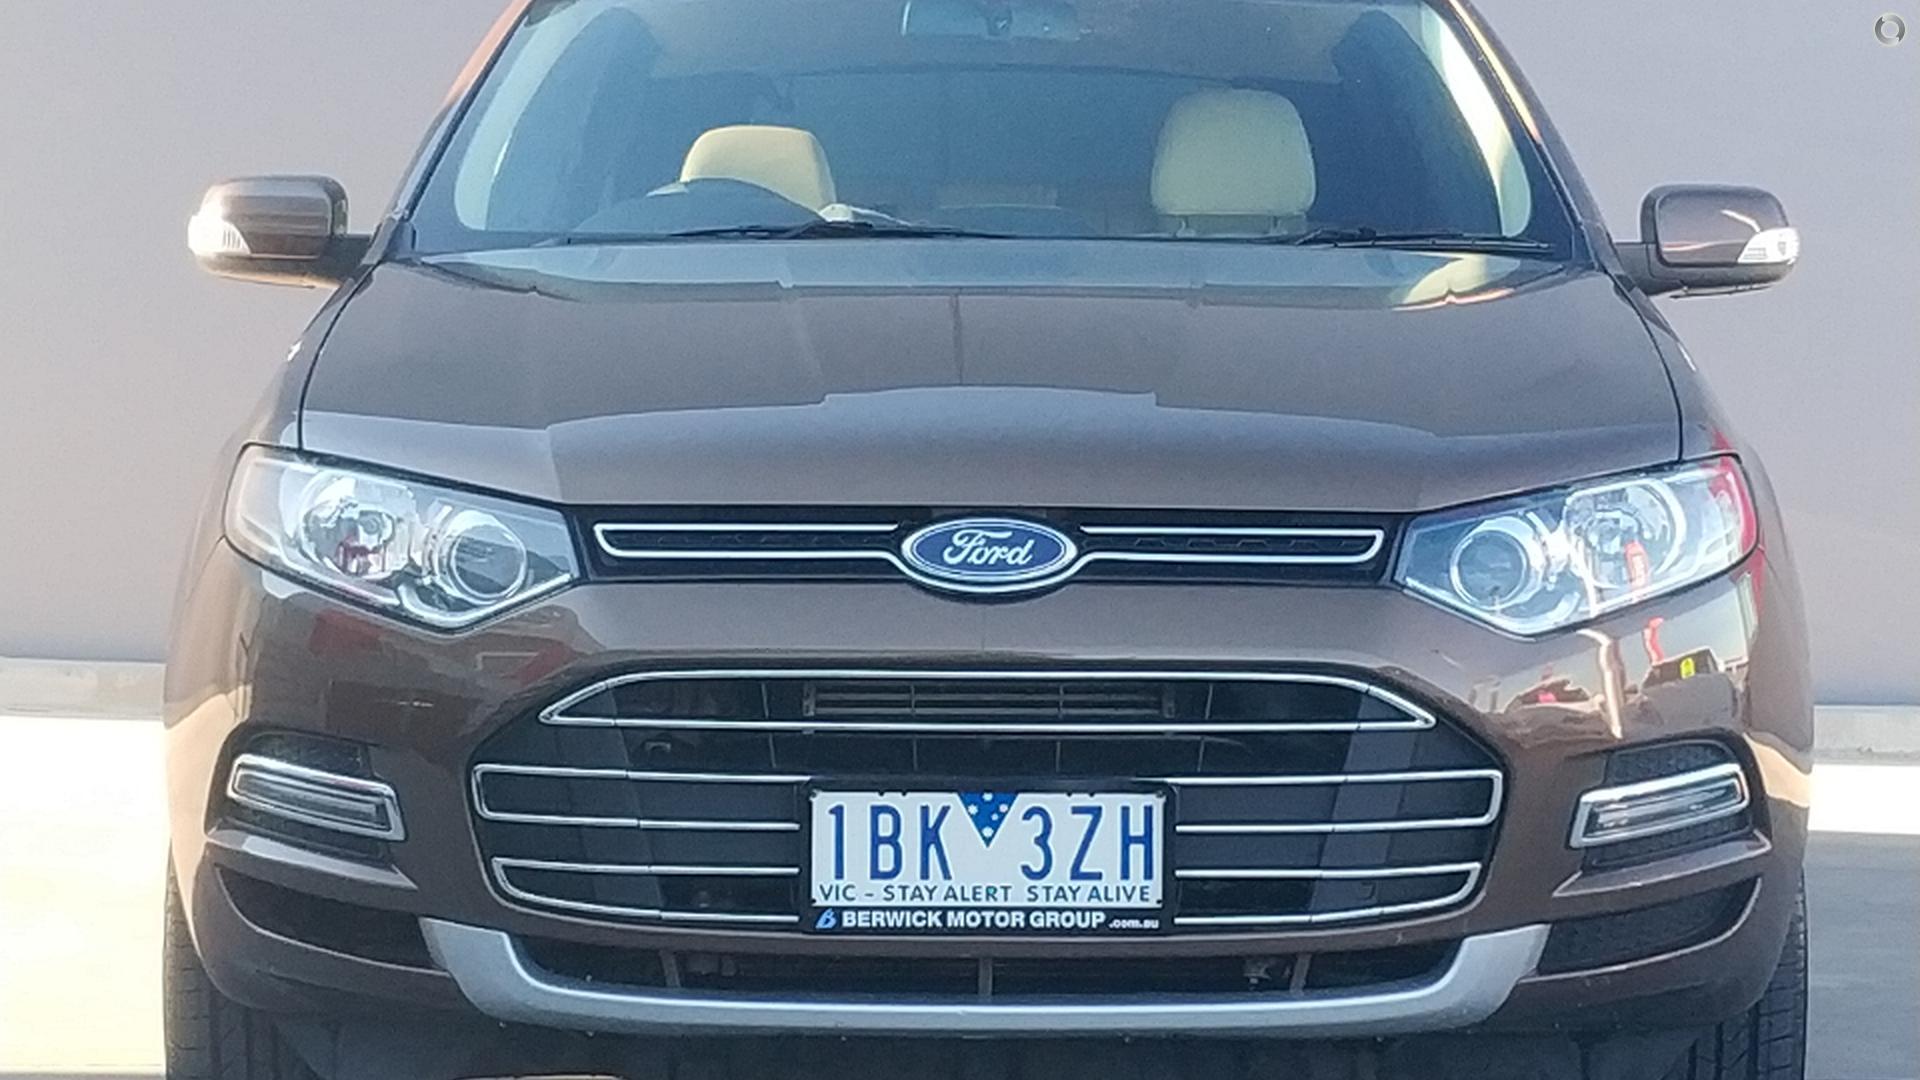 2014 Ford Territory Titanium SZ